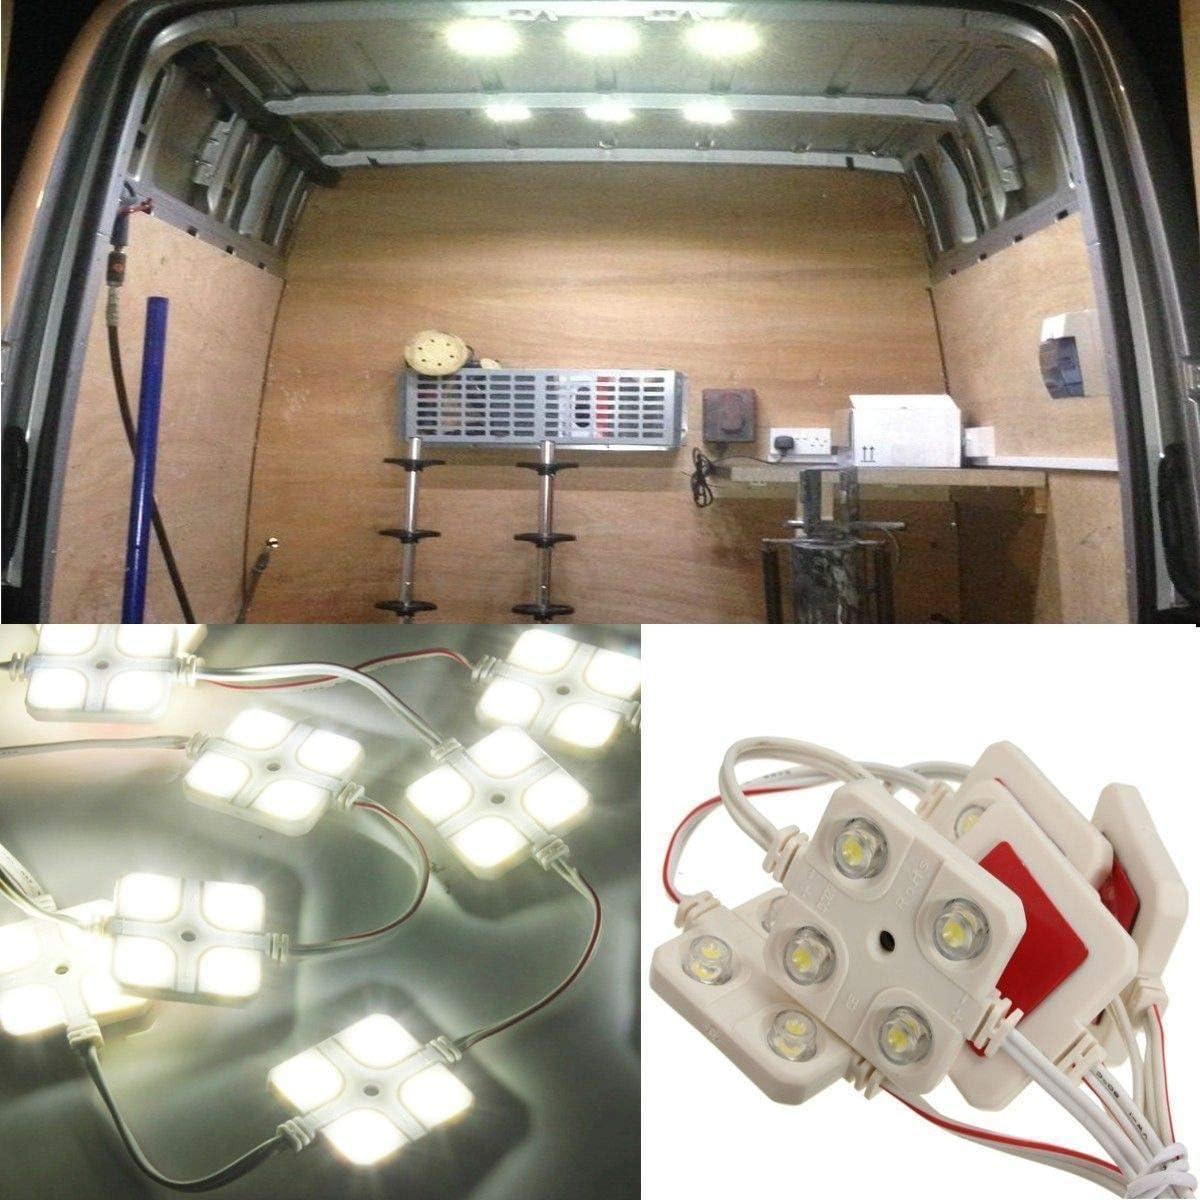 Camper Caravan Camper Bianco Plafoniera DC 12V HugeAuto Luce LED Interni 40 LED Luci Interni Auto Kit Ultra Luminoso Progetto Lente Illuminazione Luce di lavoro per Camion Kit Veicolo